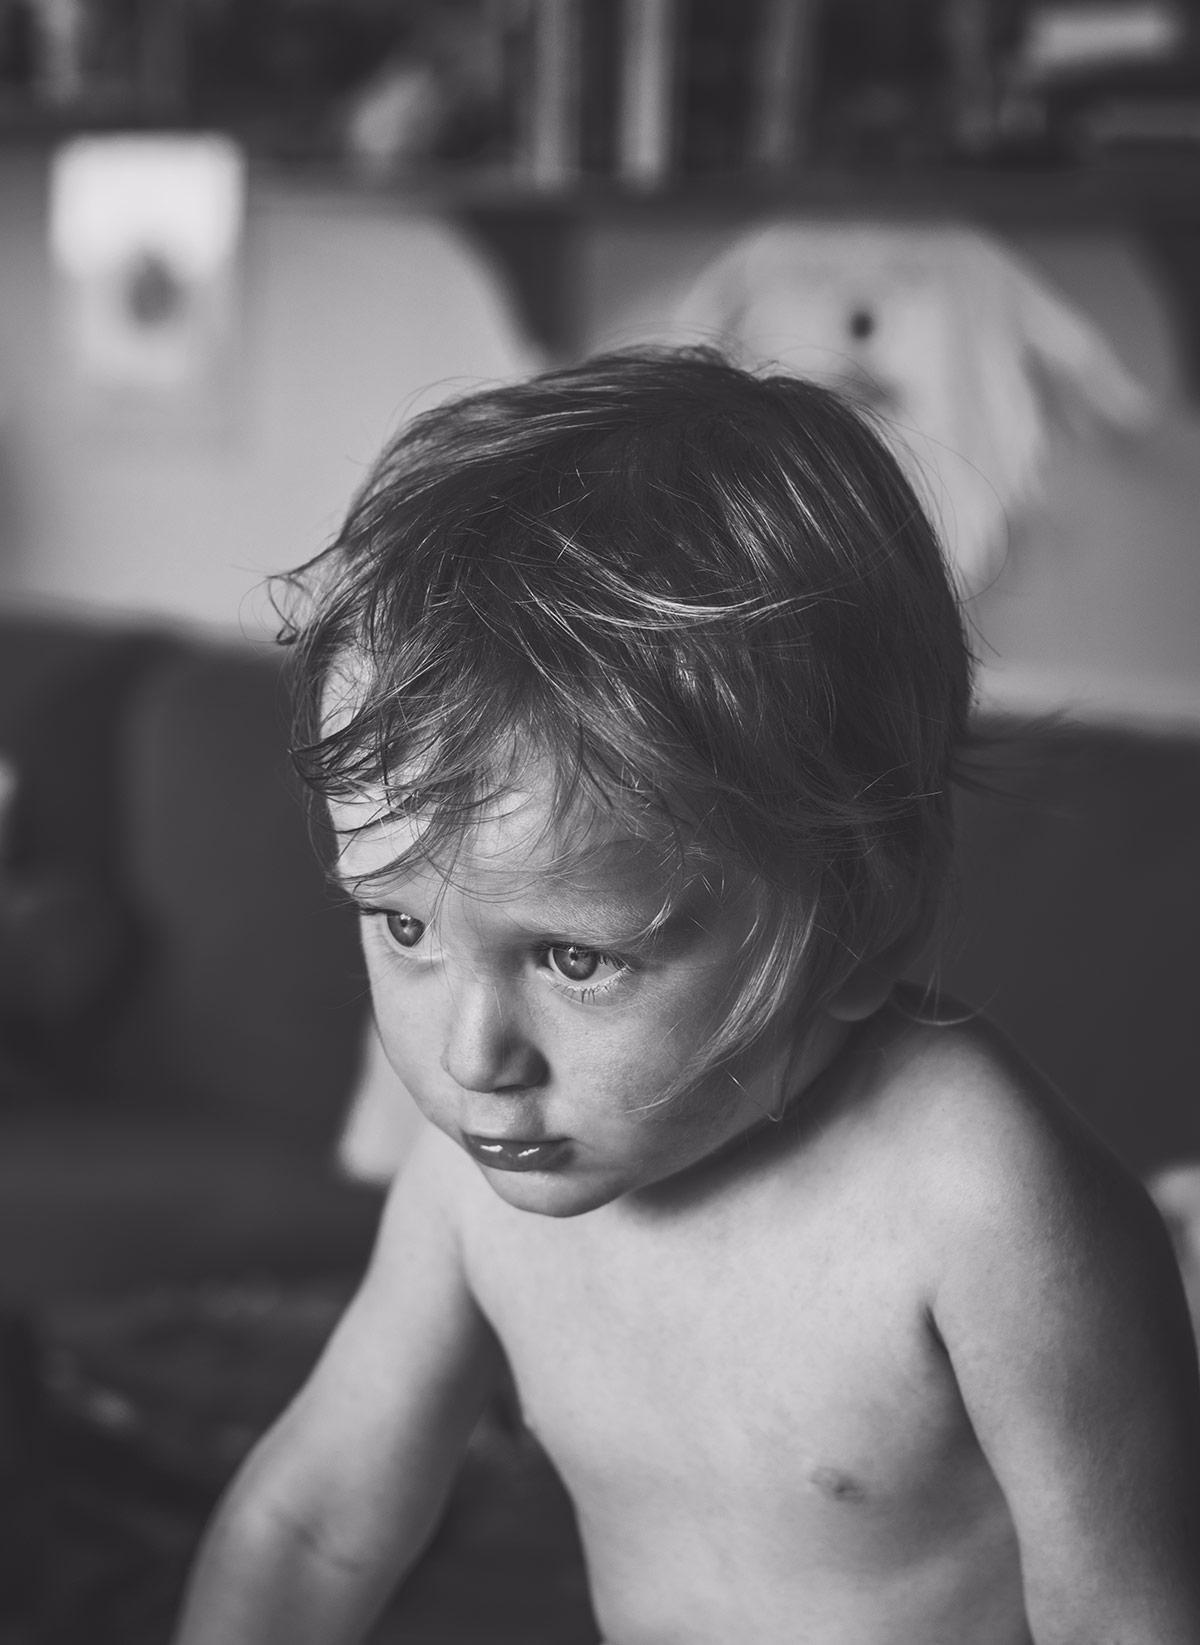 kid, child, boy, eyes, black - natxodiego | ello